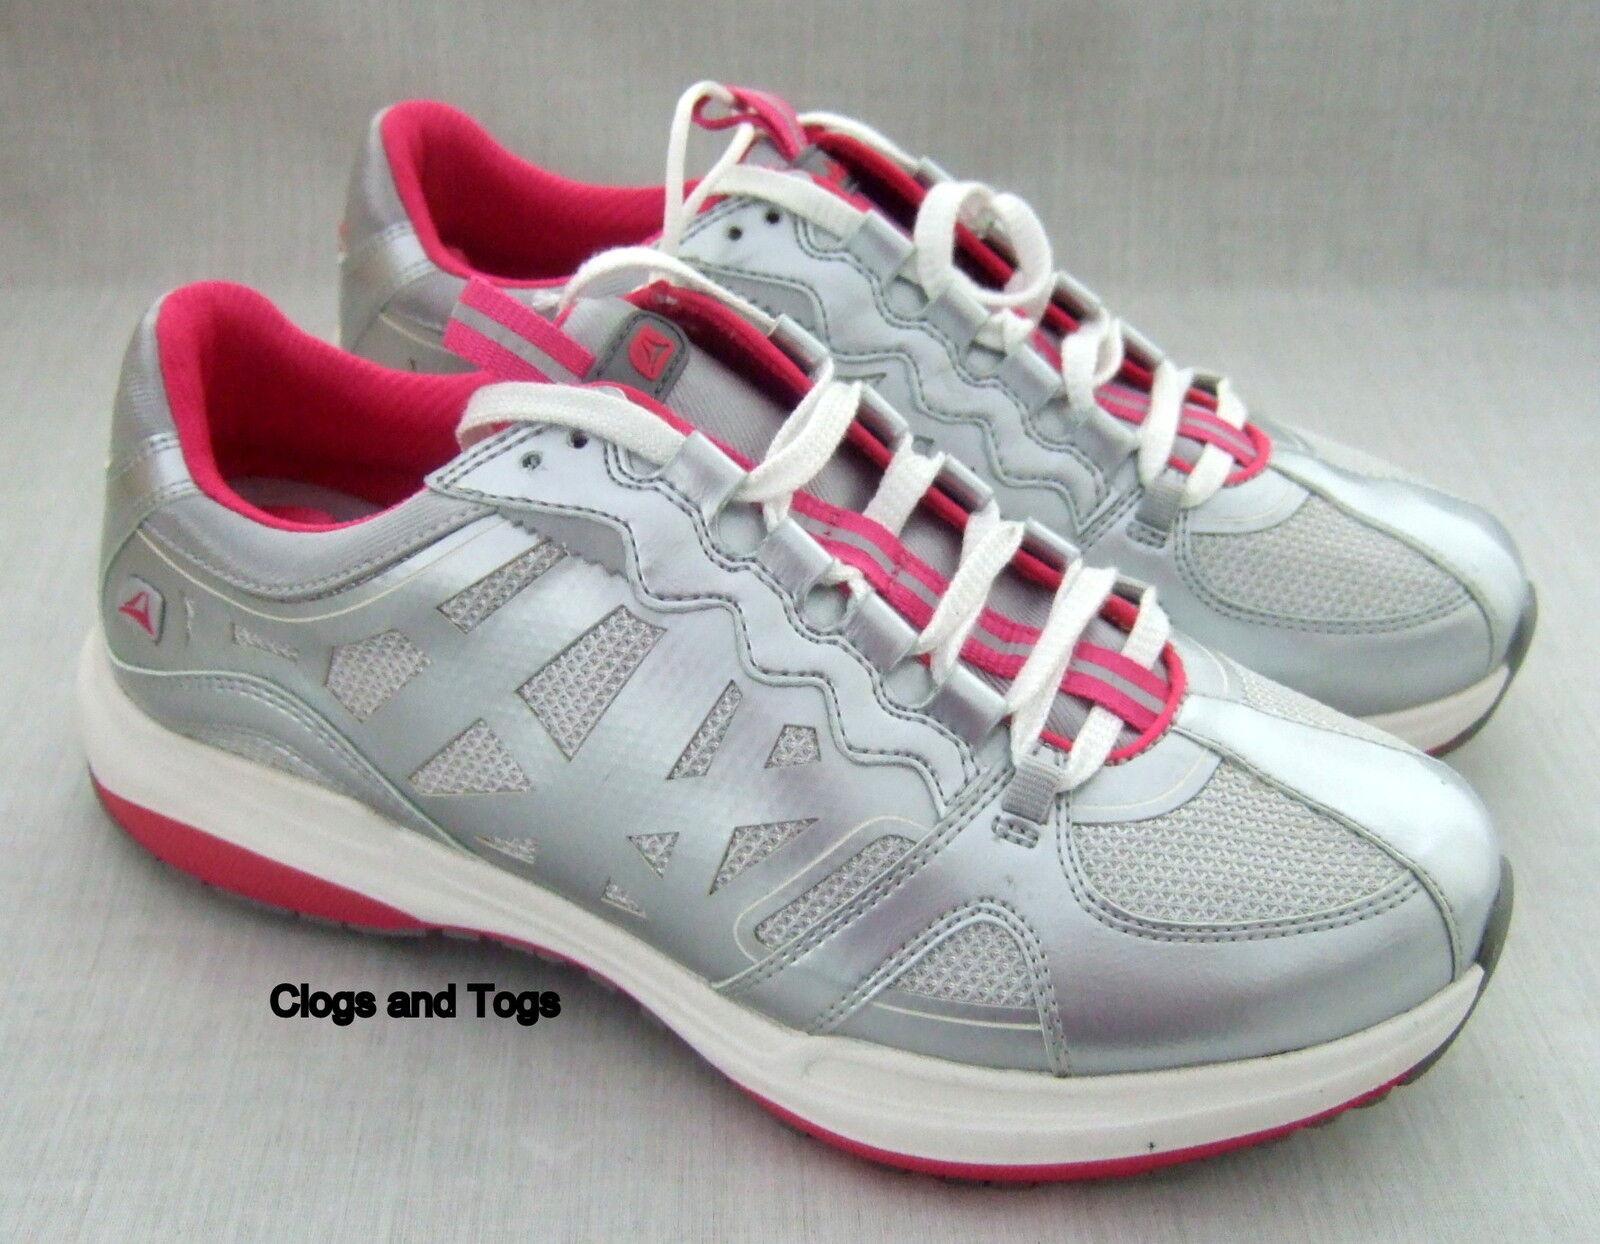 New Clarks mouvement naturel une Assurance Solde Femme Argent Chaussures Baskets 5.5 39